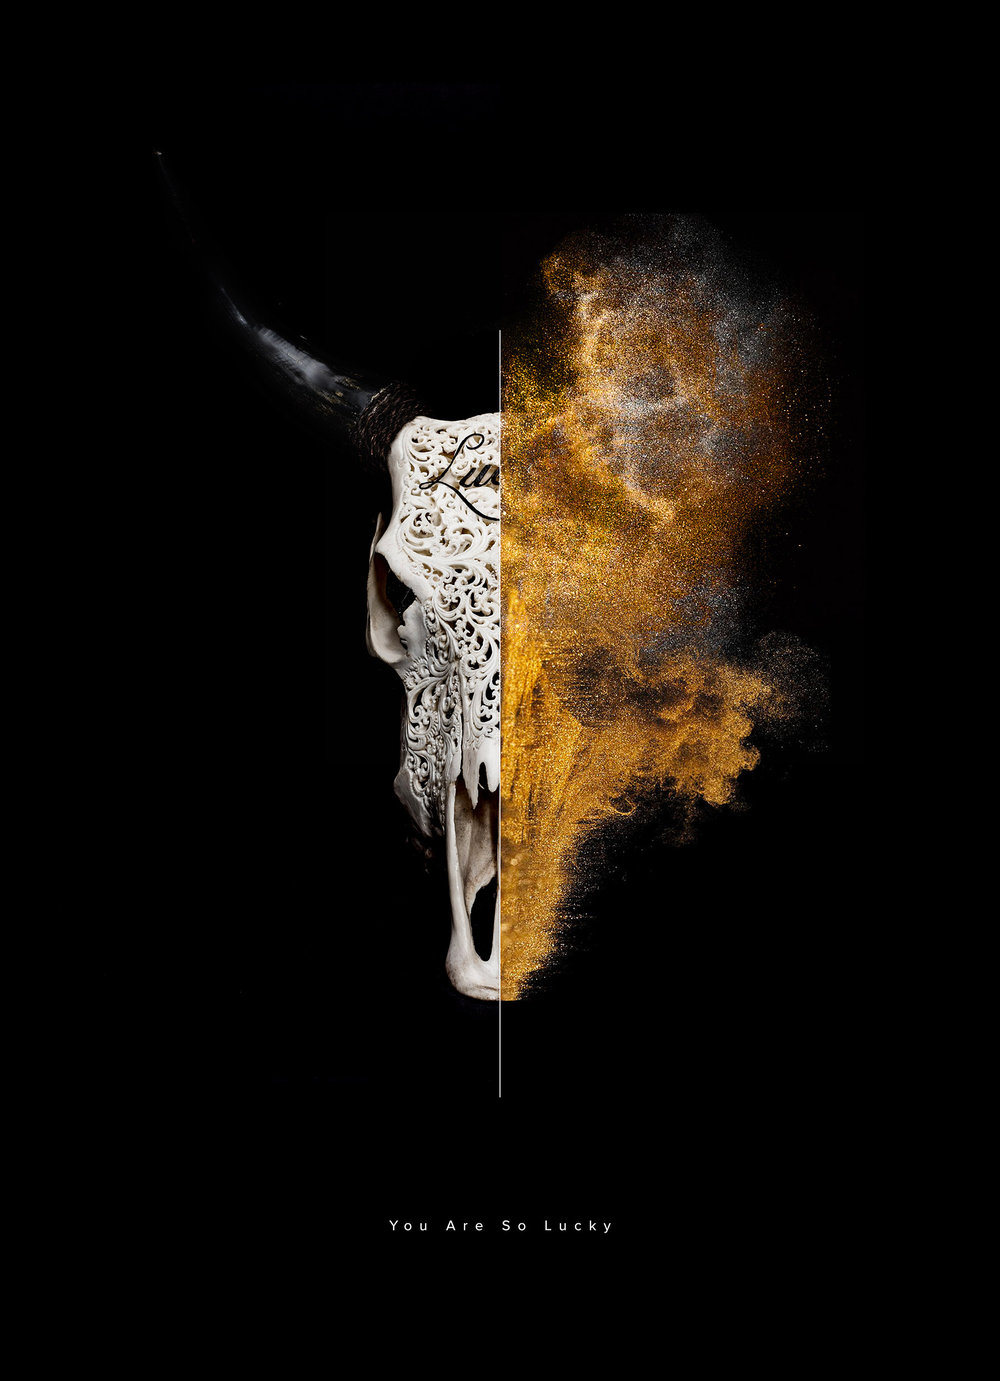 You_Are_So_Lucky_skull_glitter.jpg